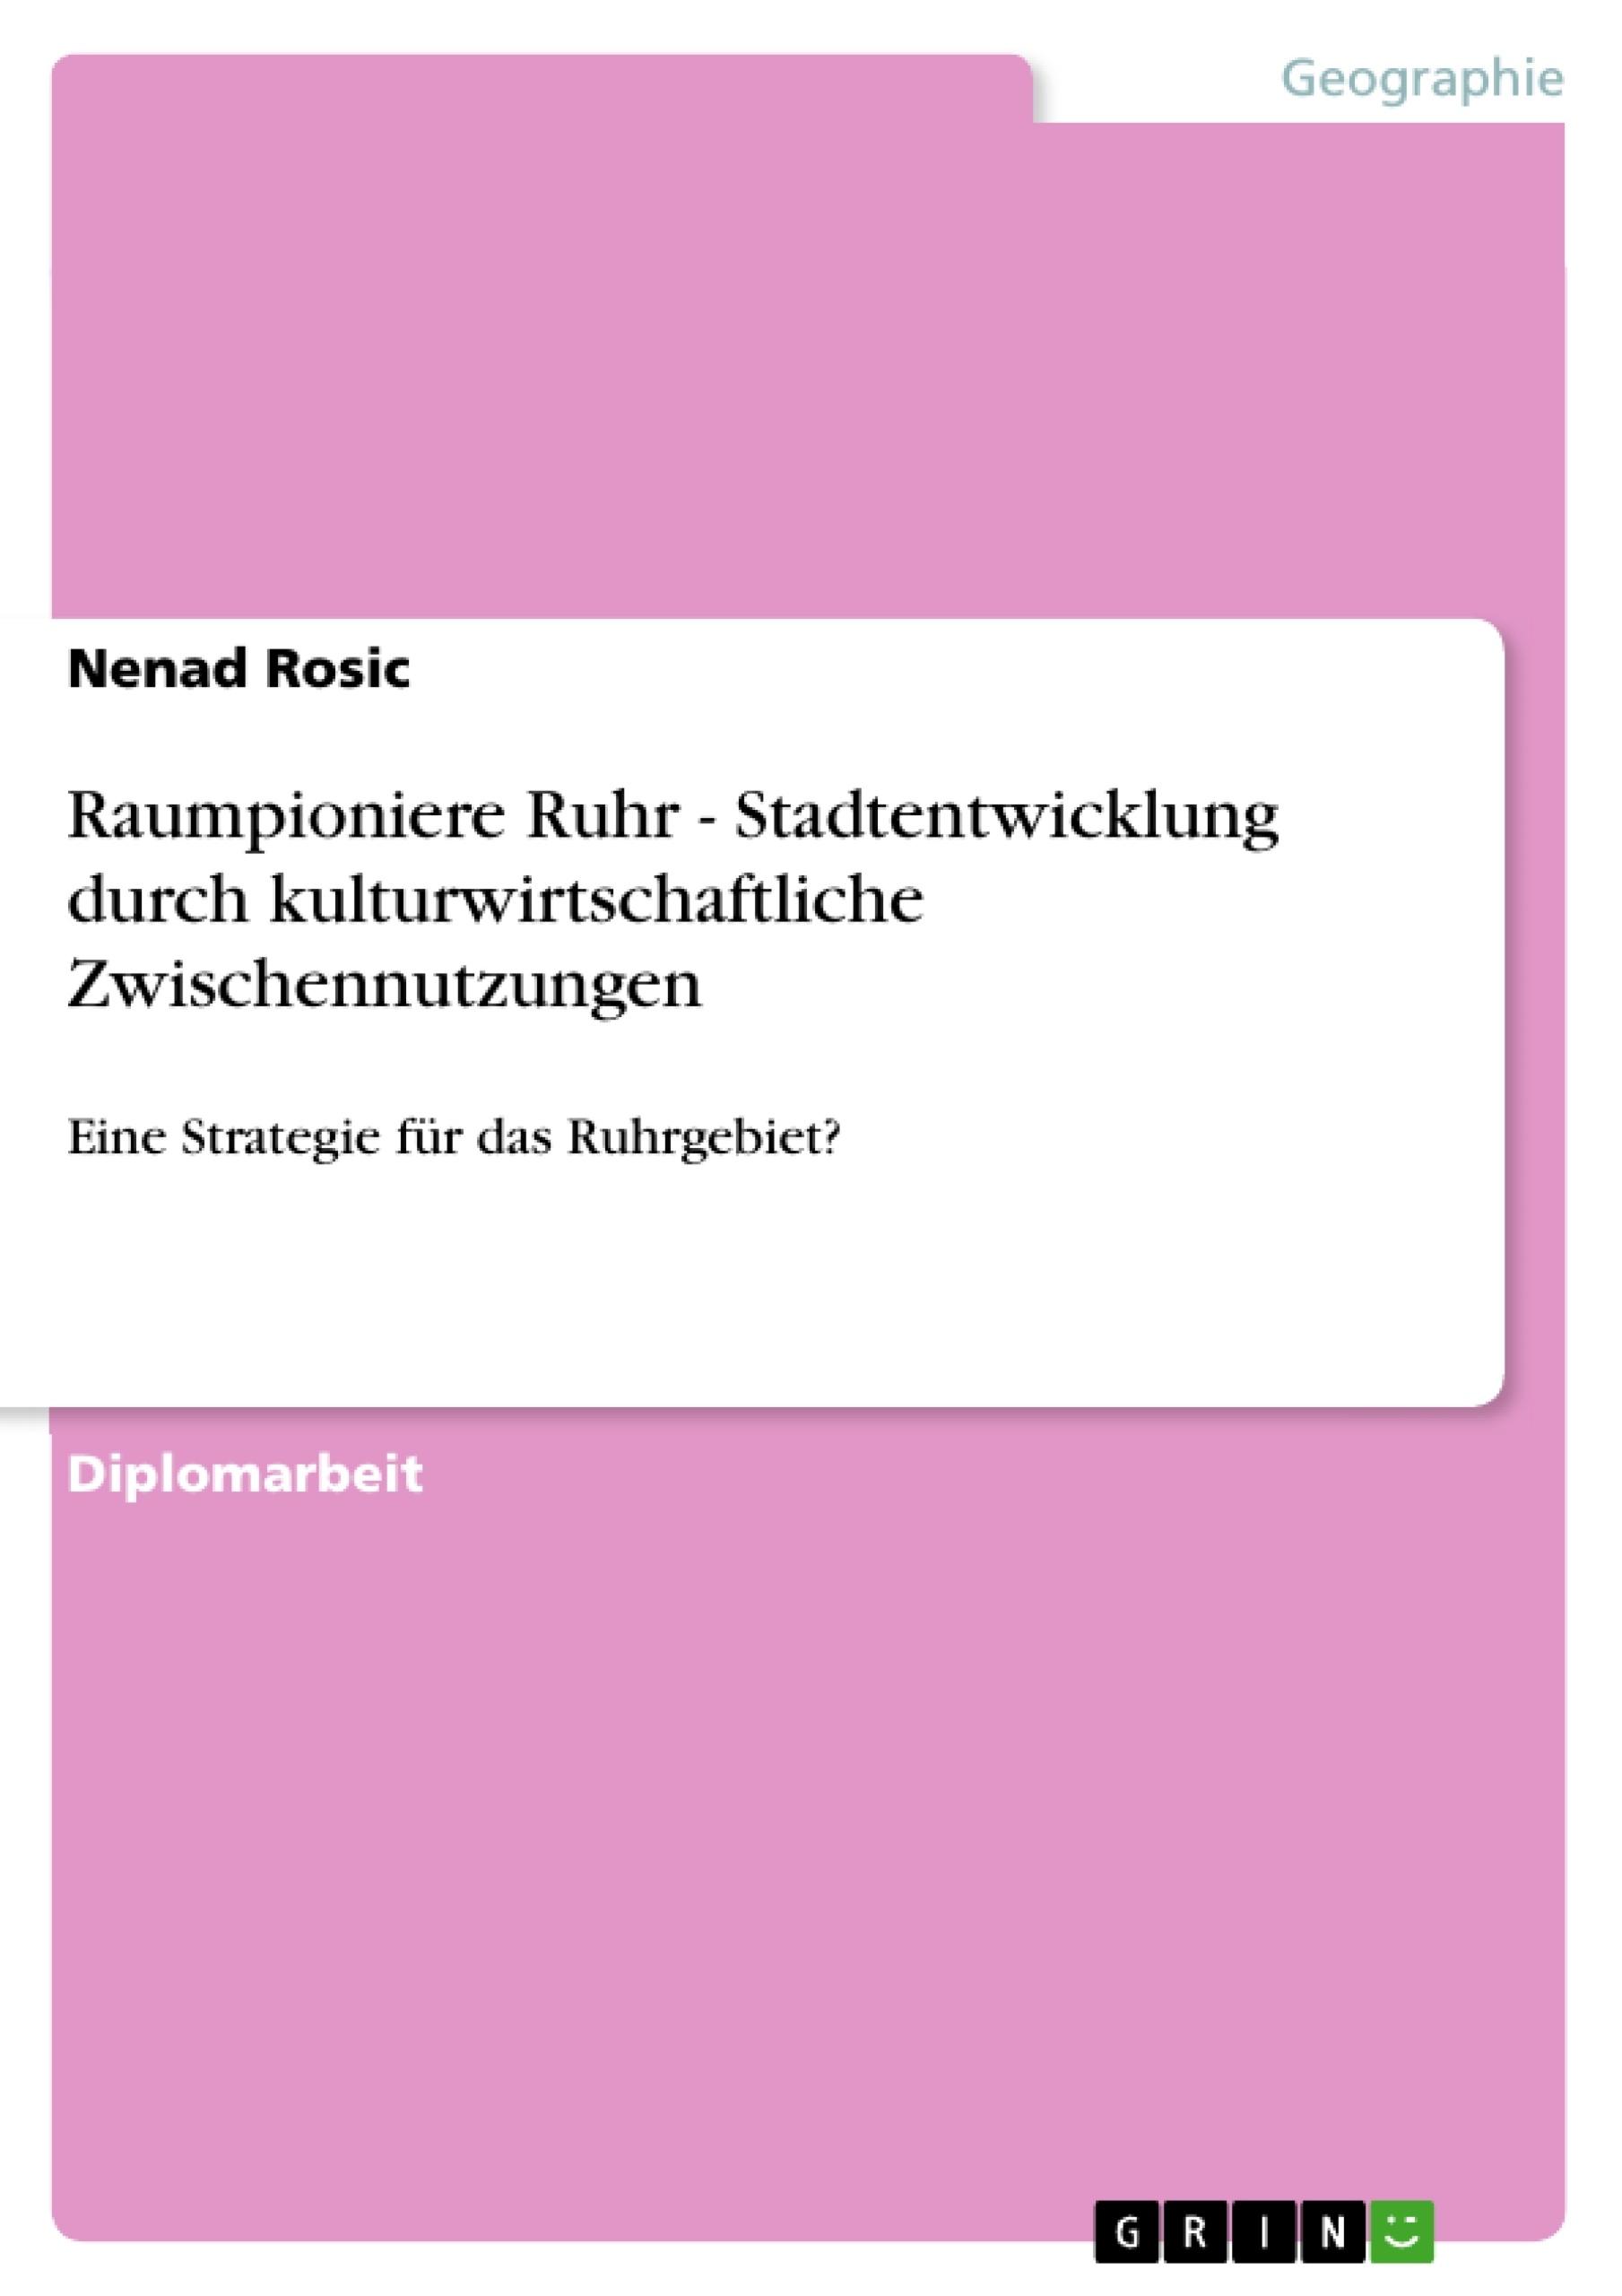 Titel: Raumpioniere Ruhr - Stadtentwicklung durch kulturwirtschaftliche Zwischennutzungen